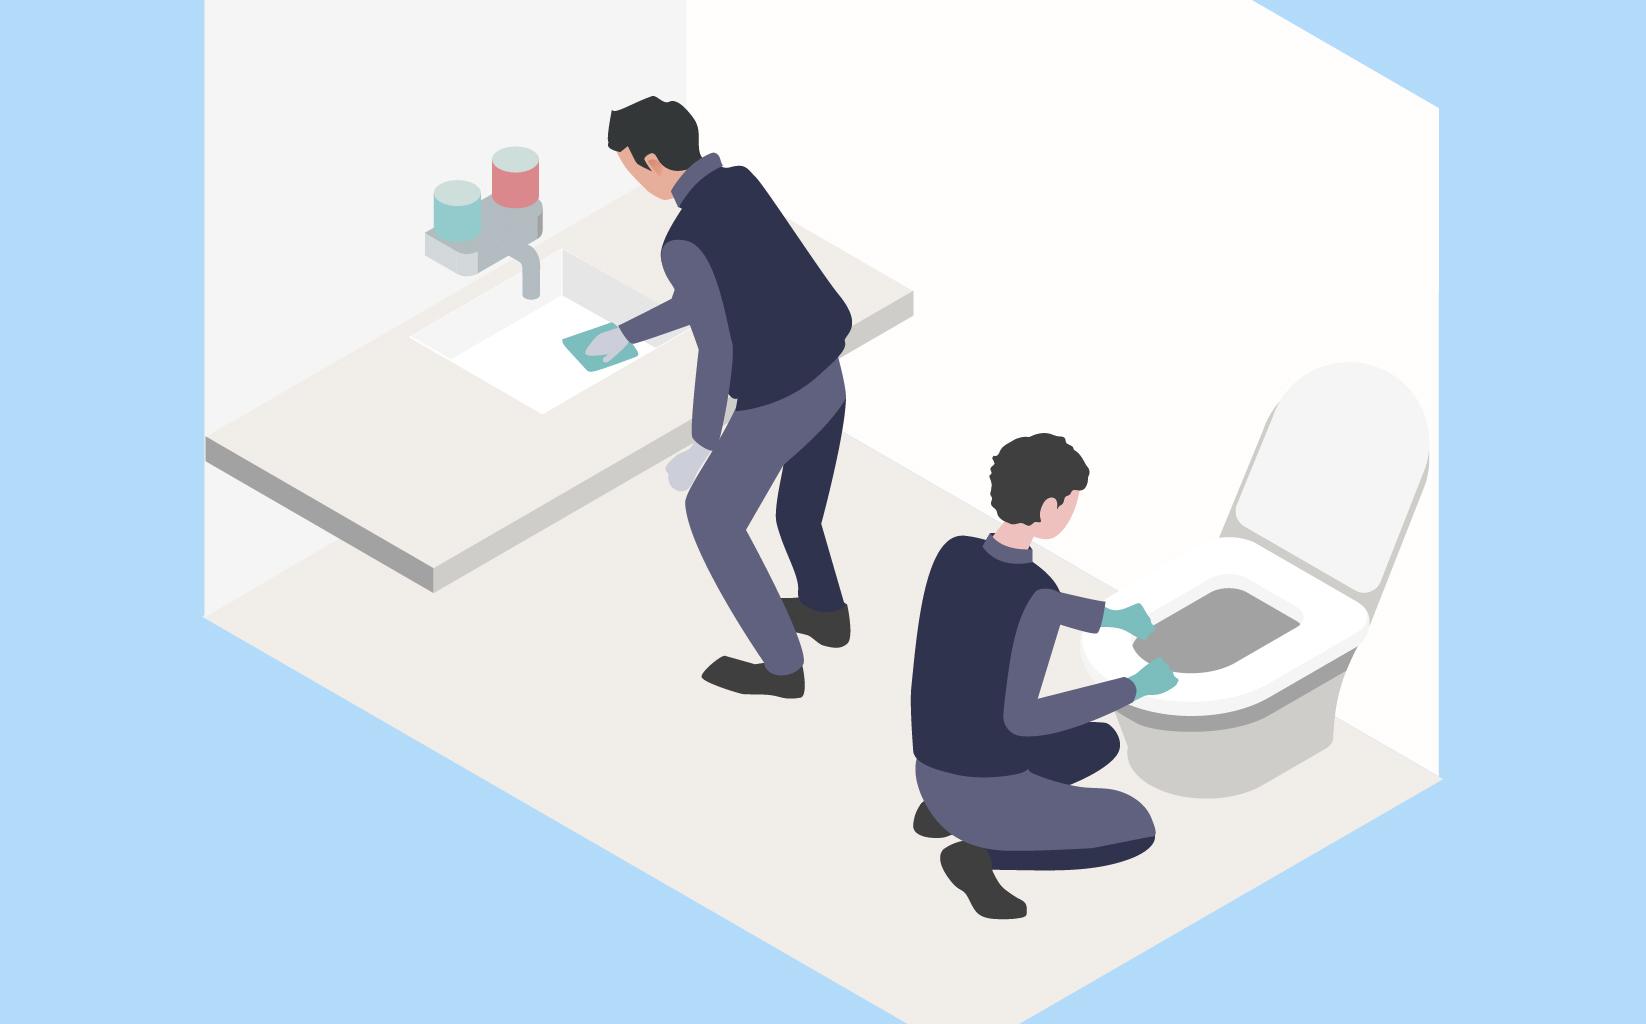 左の従業員の方が洗面所を清掃しており、右側の従業員の方がトイレを清掃しているイメージ